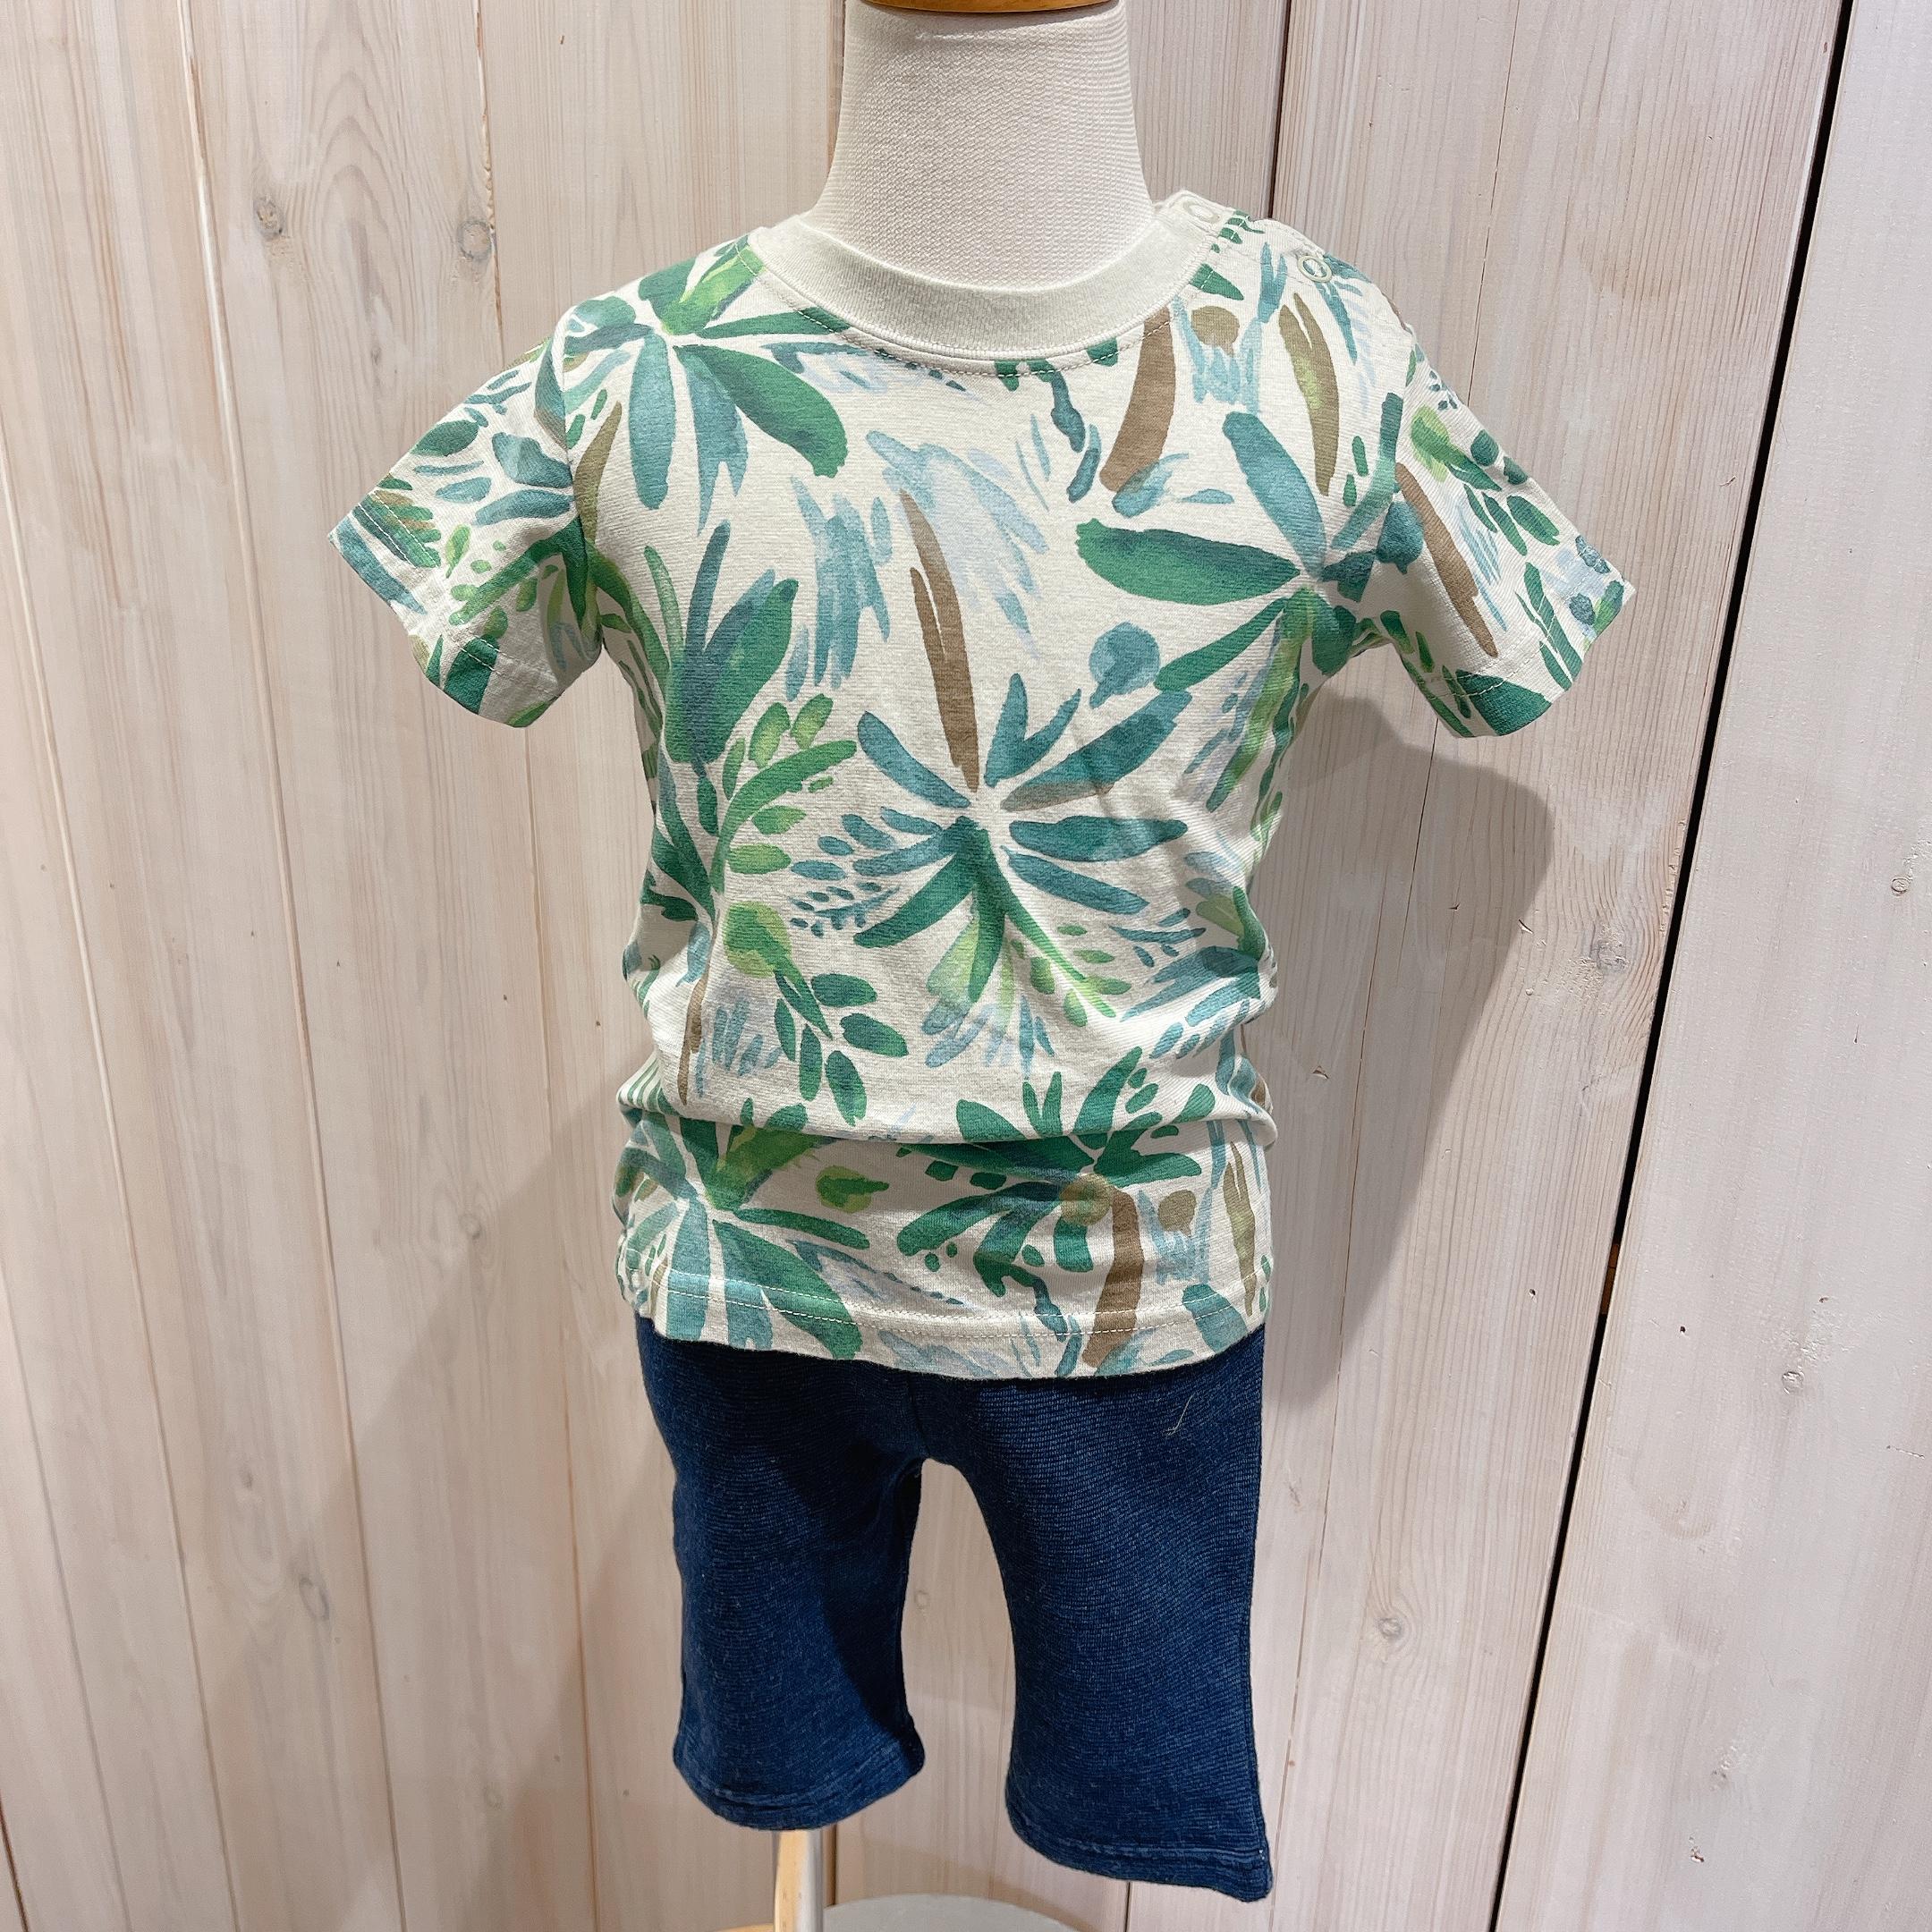 ヤシの木柄Tシャツ<br /> 税込¥1430(本体¥1300)